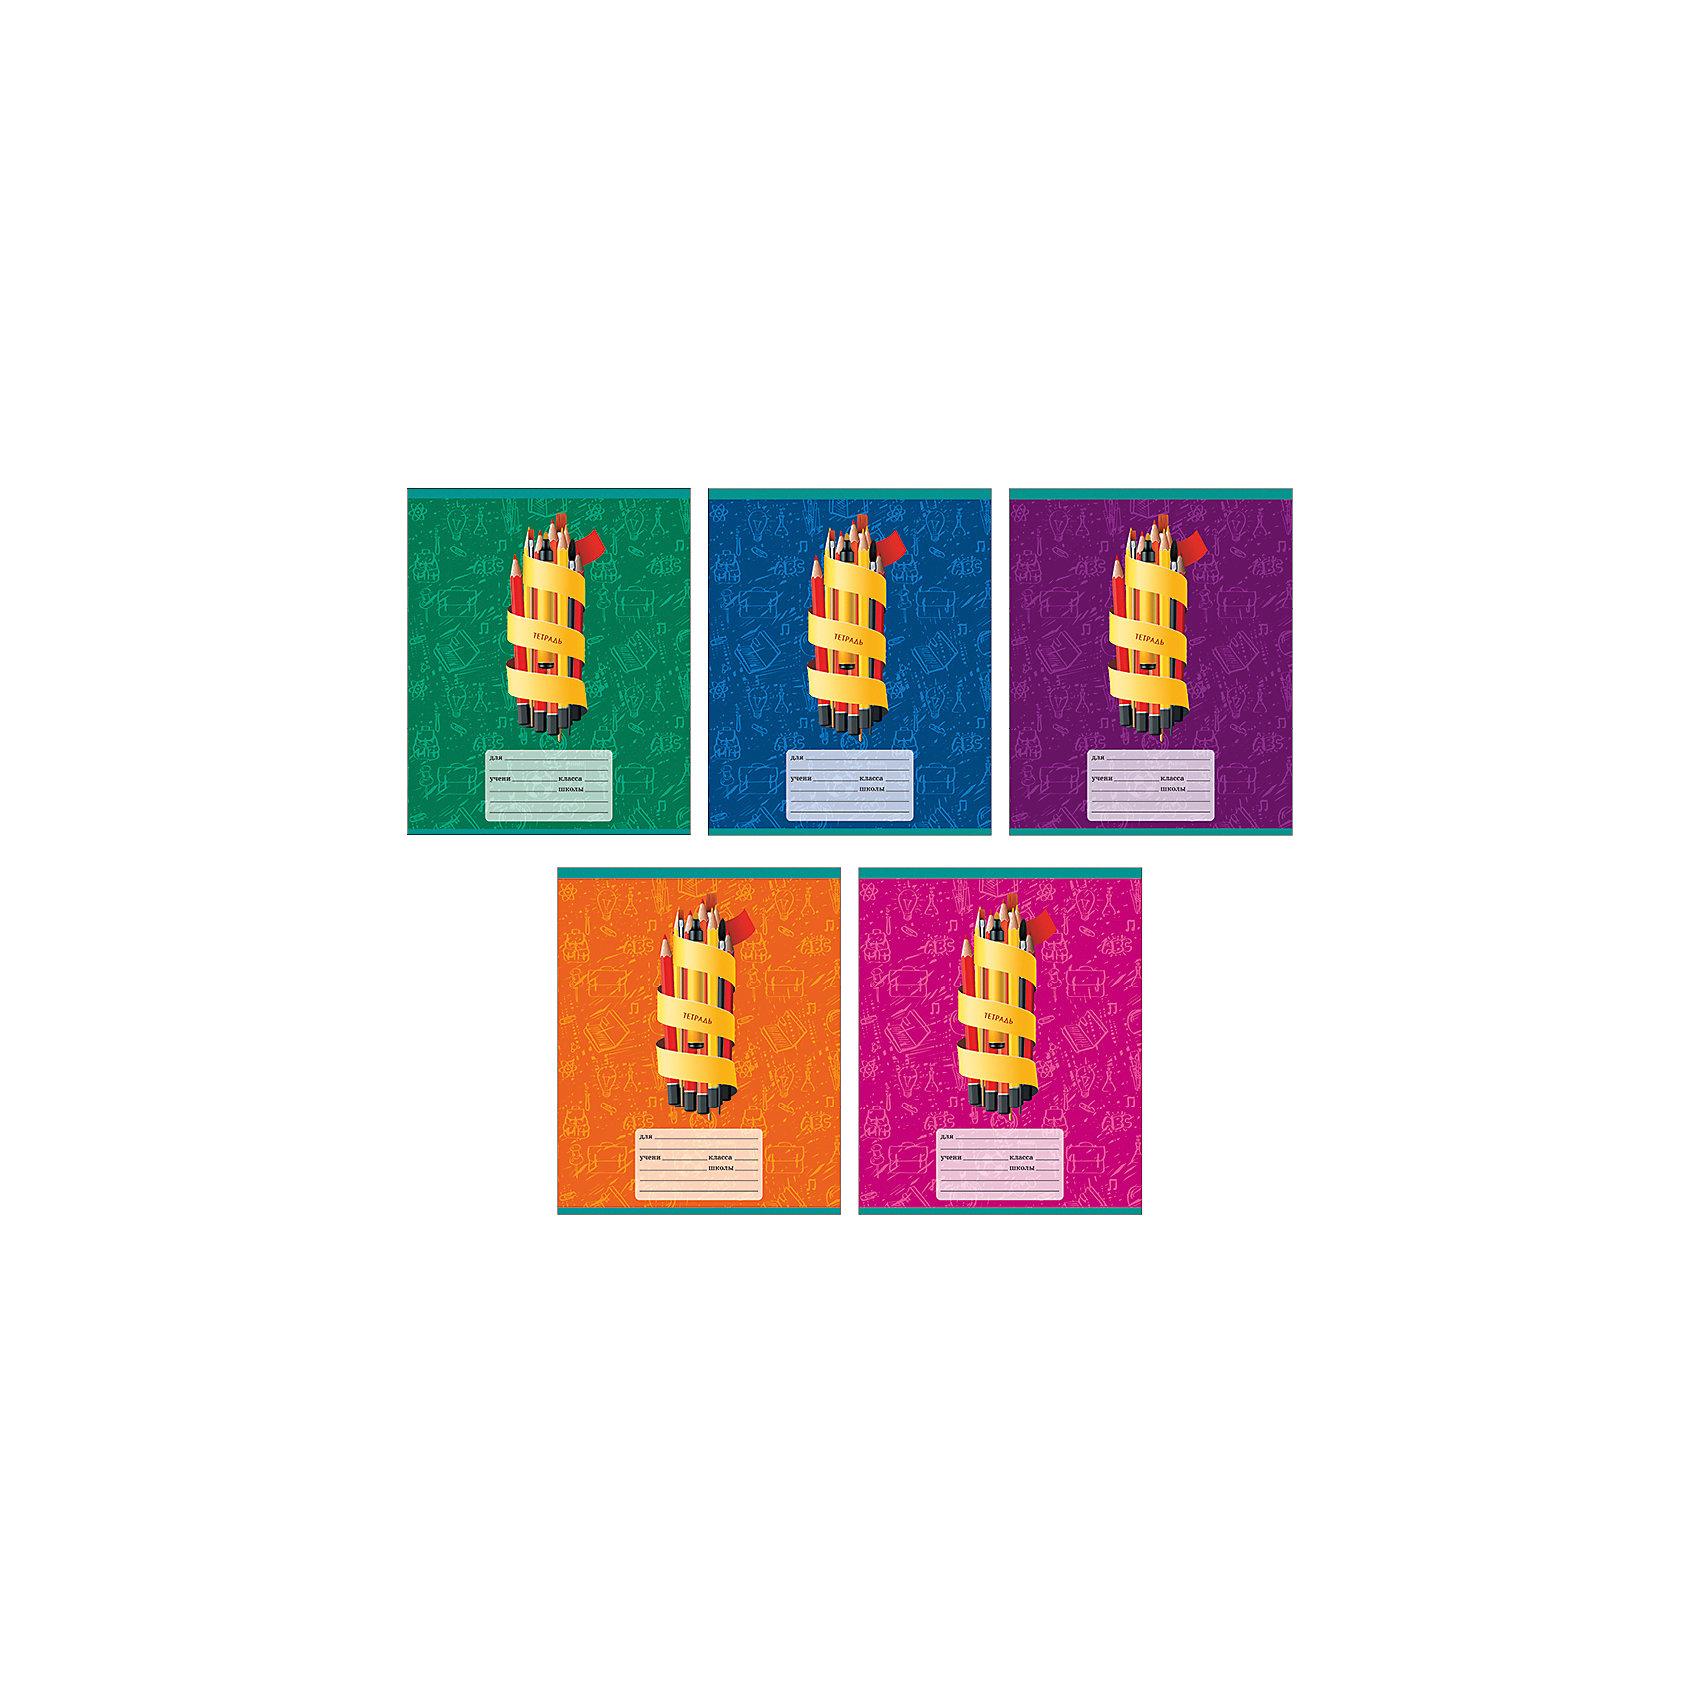 Комплект тетрадей Мир знаний (10 шт), 24 листа, Канц-ЭксмоБумажная продукция<br>Характеристики комплекта тетрадей Мир знаний:<br><br>• размеры: 20.2х16.3х3.5 см<br>• количество листов: 24 шт.<br>• разлиновка: линейку<br>• формат: А 5 <br>• комплектация: тетрадь<br>• бумага: офсет, плотностью 60 г/м2.<br>• обложка: мелованный картон, выборочный лак <br>• бренд: Канц-Эксмо<br>• страна бренда: Россия<br>• страна производителя: Россия<br><br>Комплект тетрадей Мир знаний от российского производителя Канц-Эксмо выполнен в формате А5. На обложке тетрадей нанесен яркий орнамент. Количество листов 24, тетради в линейку с полями. Крепление: скрепка. Обложка у изделий плотная - мелованный картон, выборочный лак.<br><br>Комплект тетрадей Мир знаний от российского производителя Канц-Эксмо можно купить в нашем интернет-магазине.<br><br>Ширина мм: 202<br>Глубина мм: 163<br>Высота мм: 40<br>Вес г: 66<br>Возраст от месяцев: 72<br>Возраст до месяцев: 2147483647<br>Пол: Унисекс<br>Возраст: Детский<br>SKU: 5448404